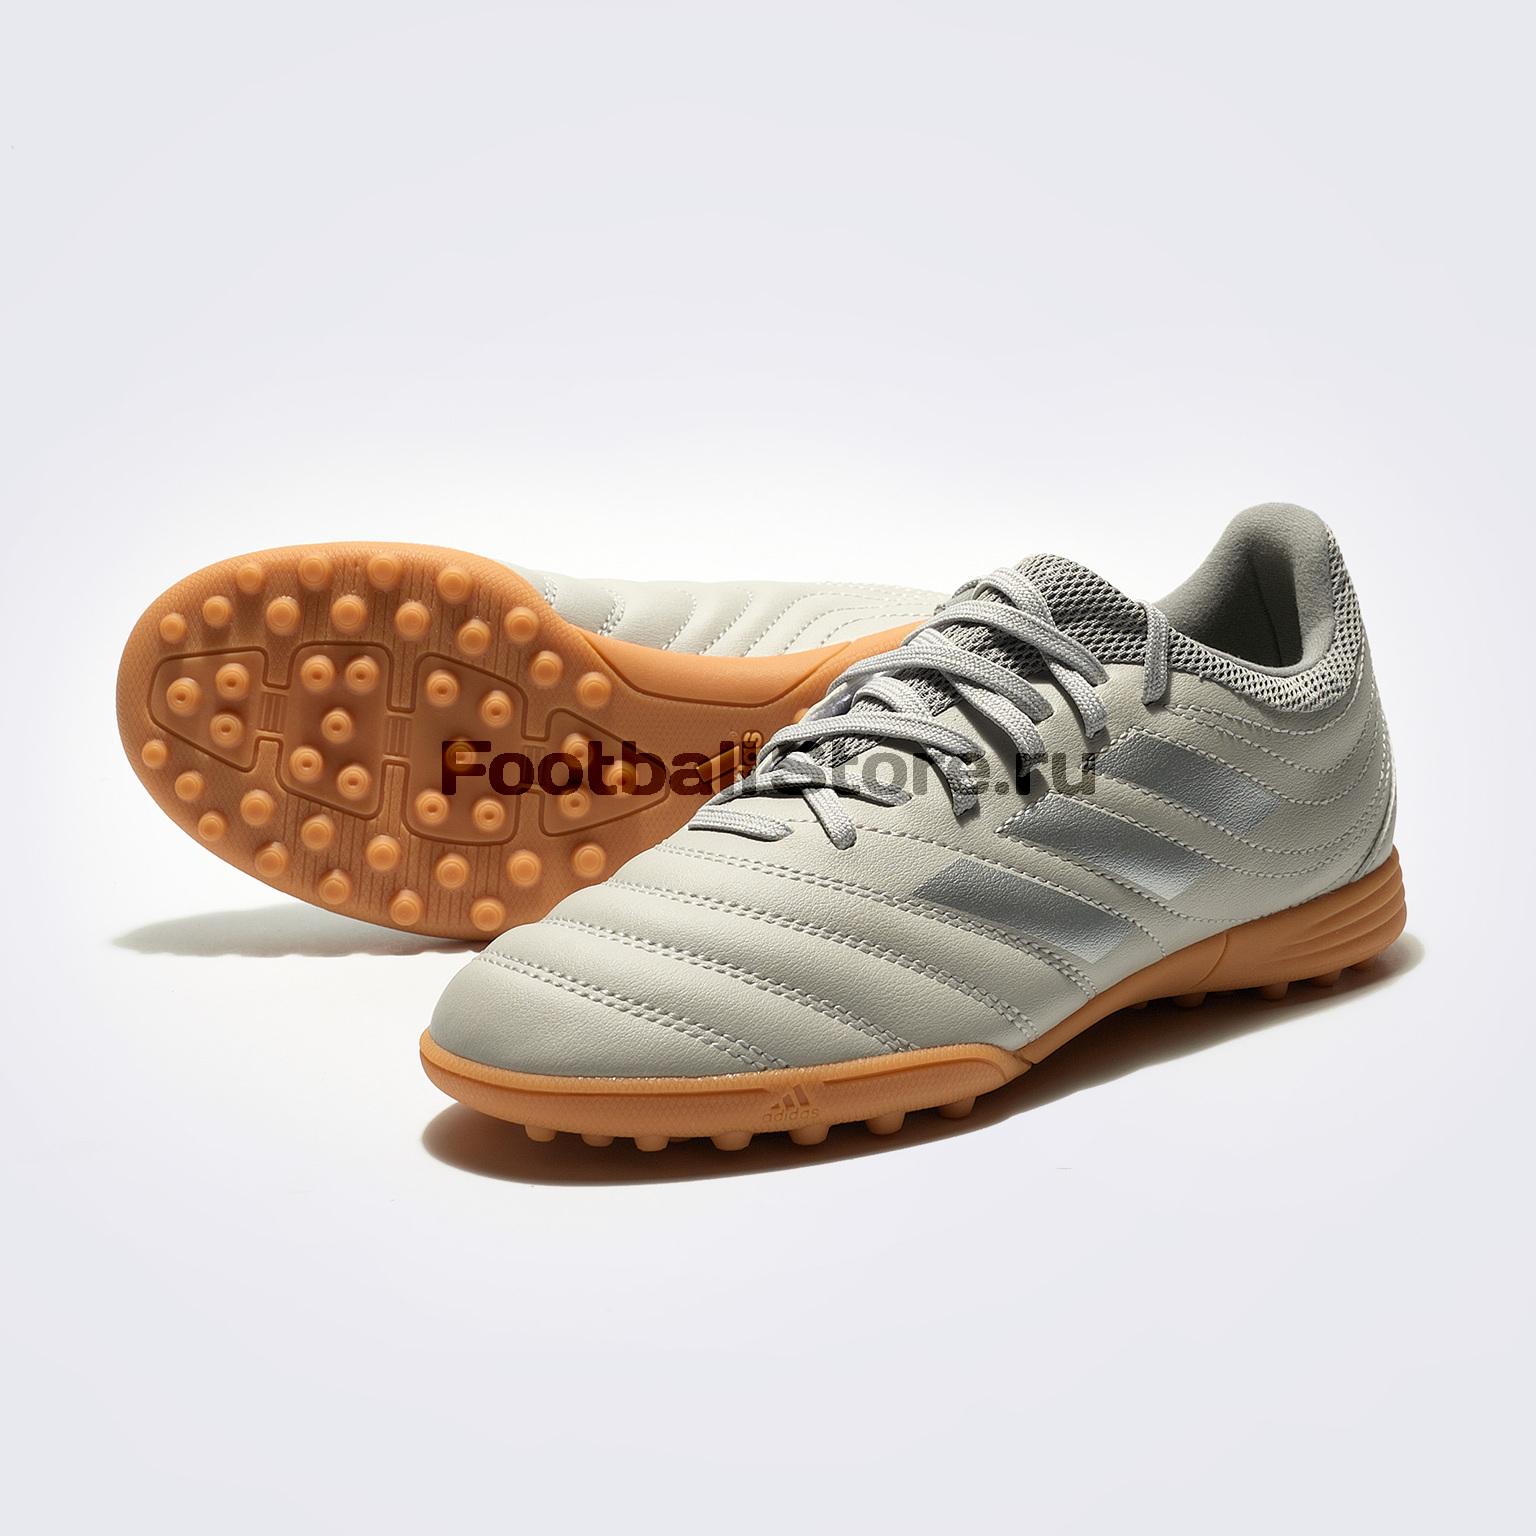 Шиповки детские Adidas Copa 20.3 TF EF8343